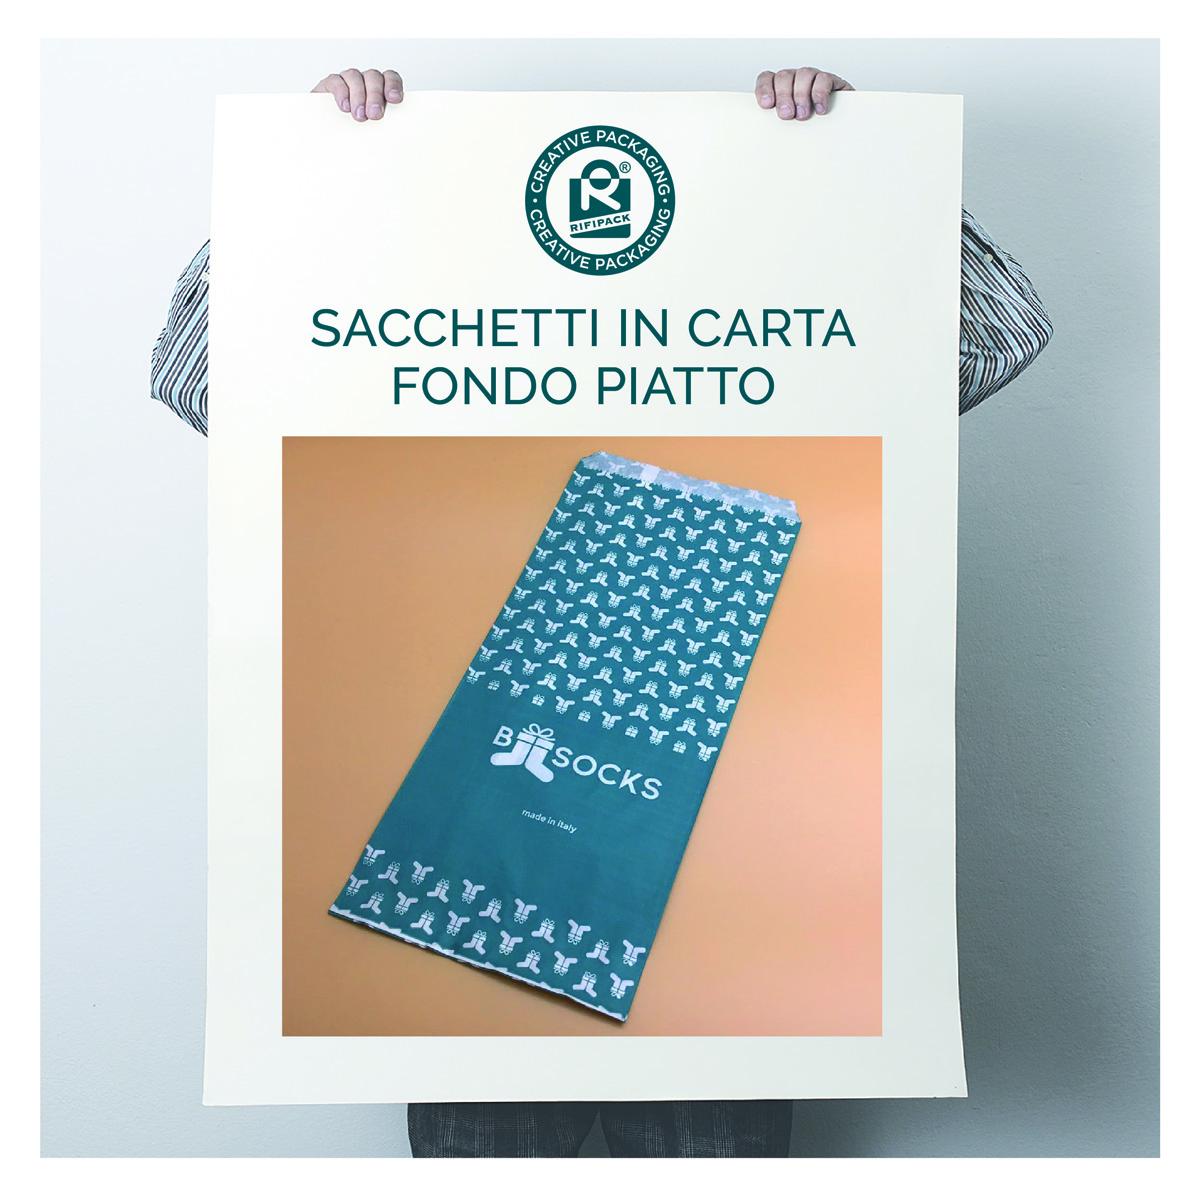 rifipack-sacchetti-in-carta-fondo-piatto-1